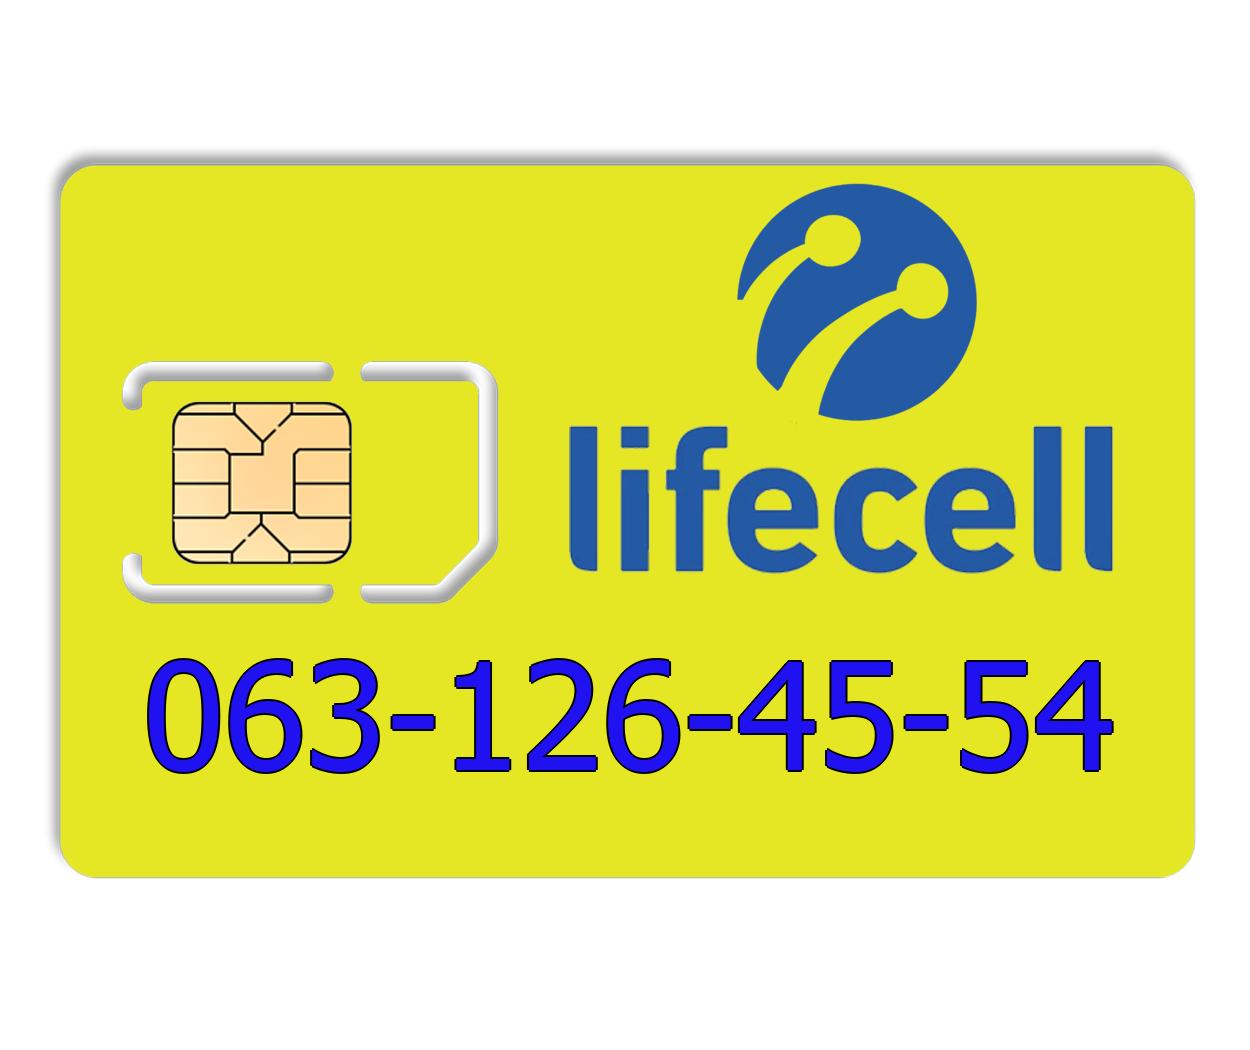 Красивый номер lifecell 063-126-45-54